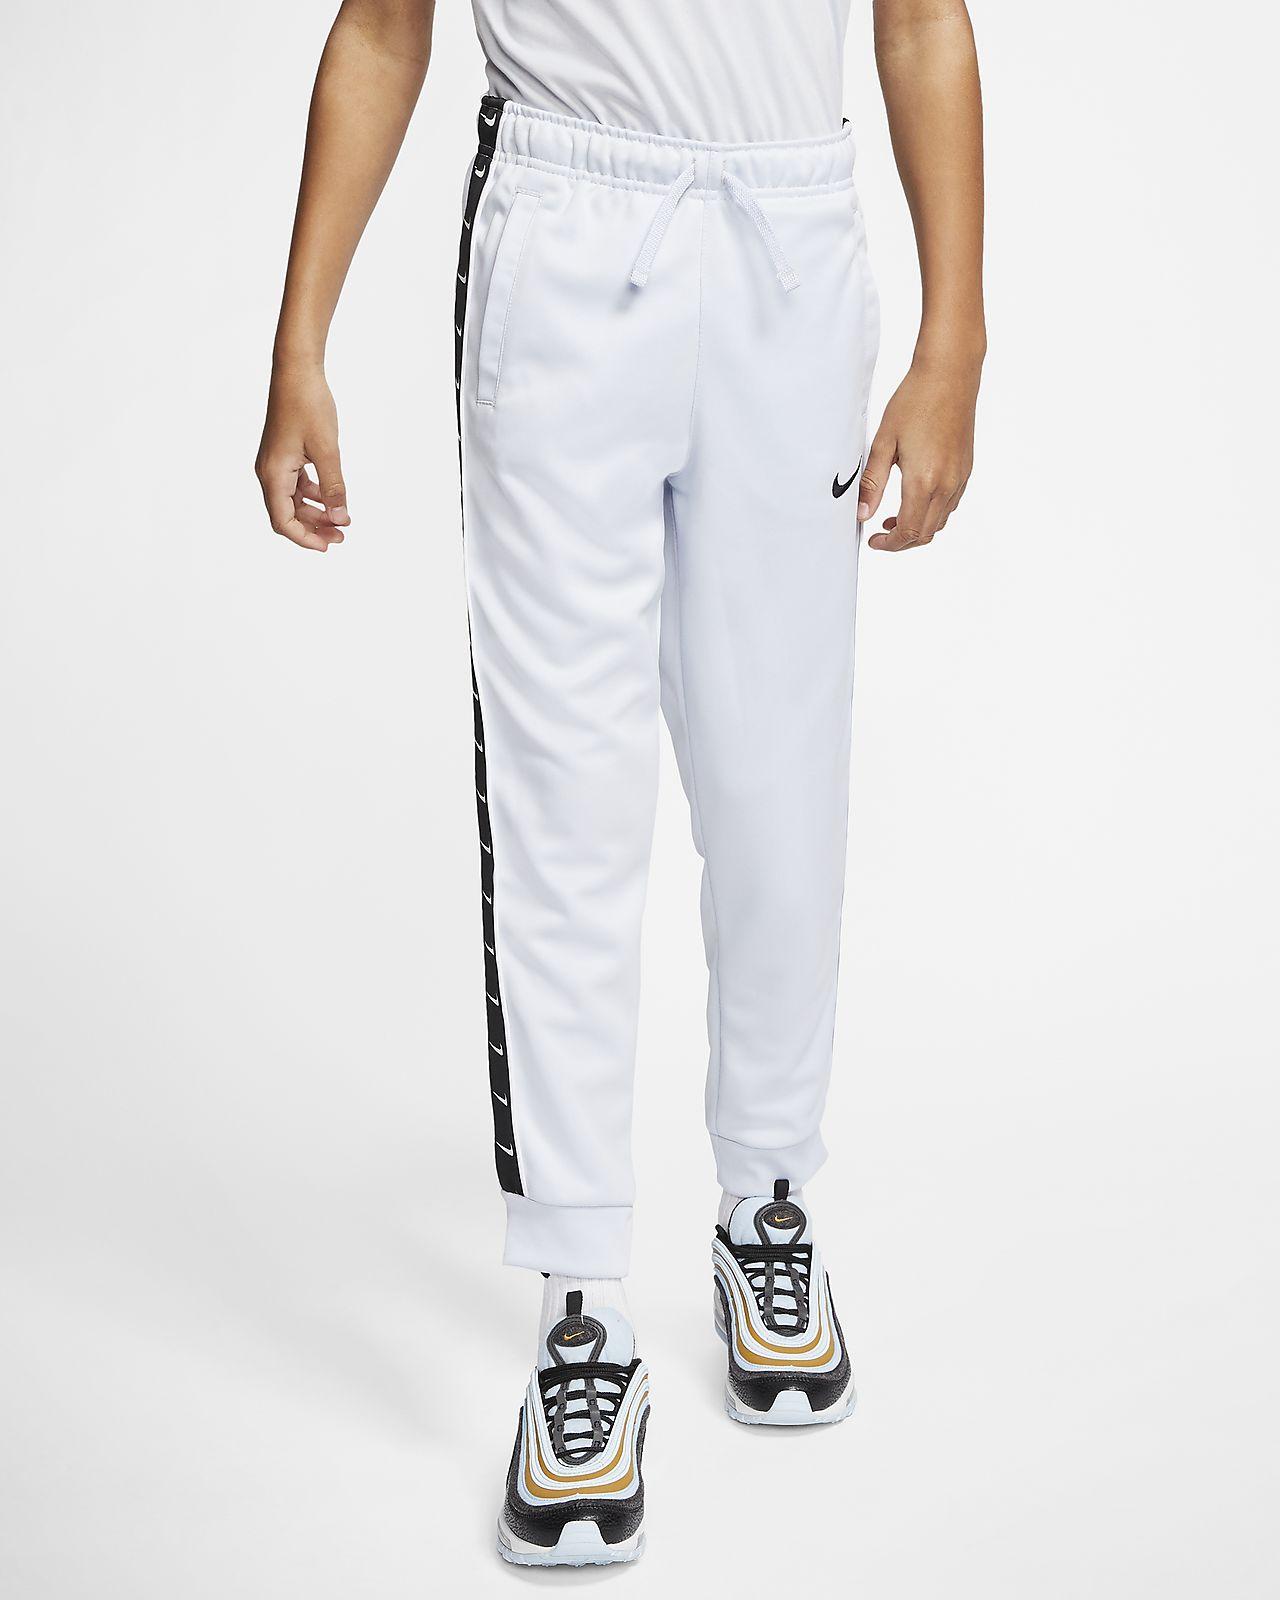 Pantalones de entrenamiento para niños talla grande Nike Sportswear Swoosh